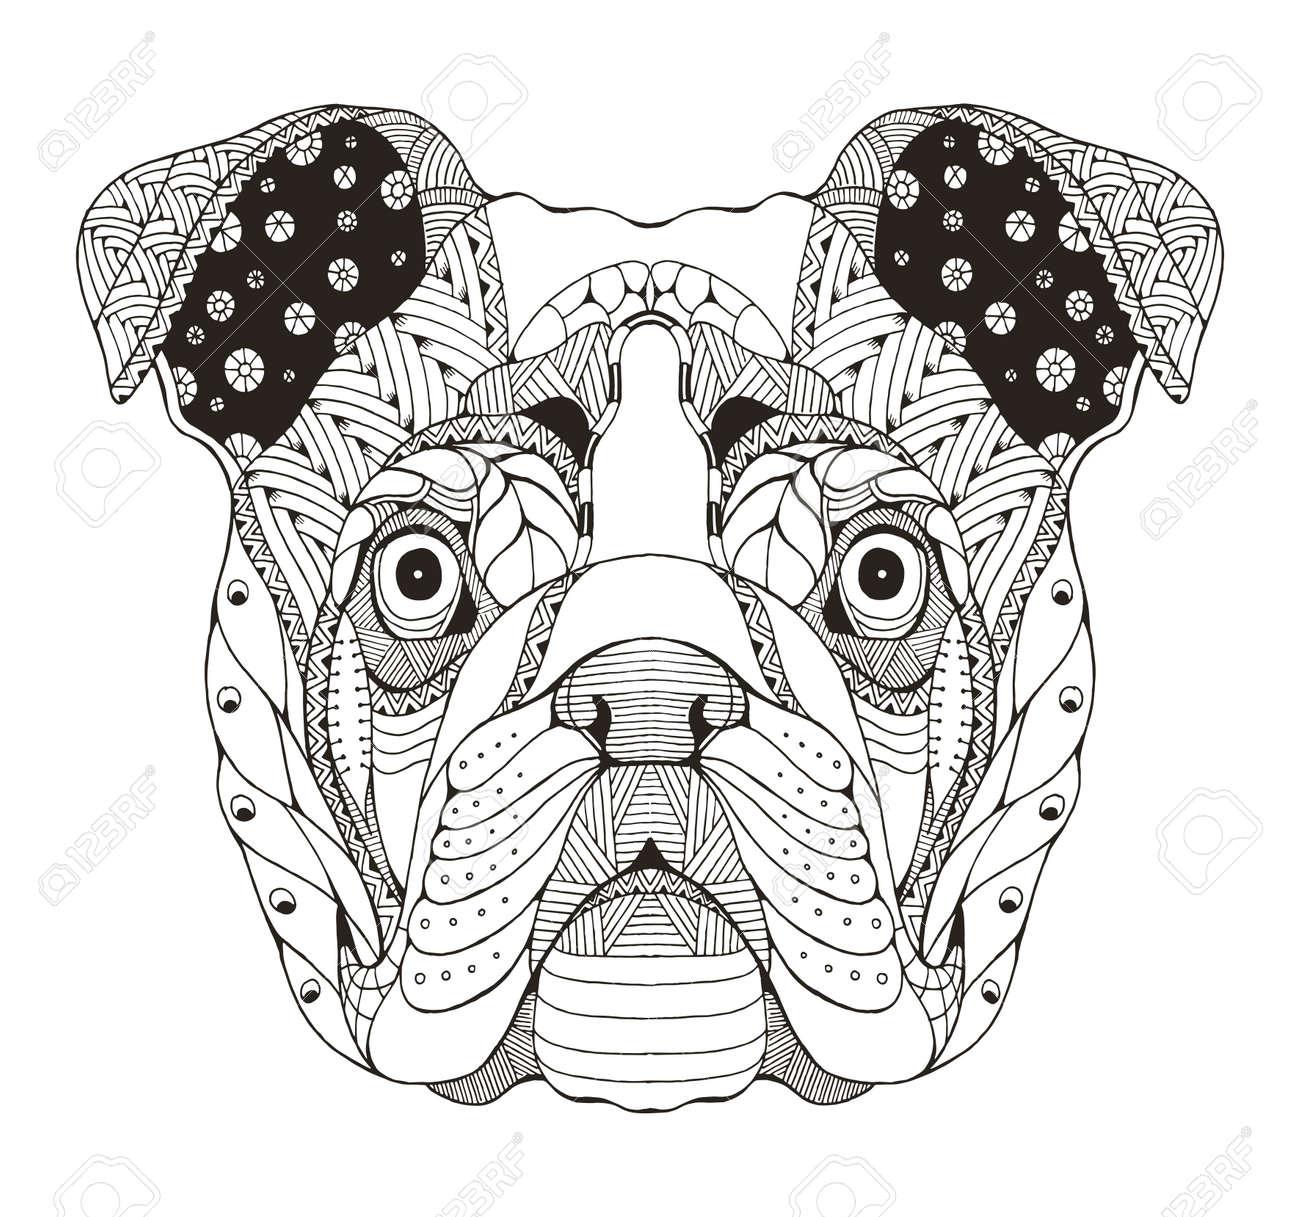 Coloriage Bouledogue Anglais.Bulldog Anglais Tete Zentangle Stylise Vecteur Illustration Crayon A Main Levee Dessine A La Main Modele Art Zen Vecteur Orne Dentelle Imprimez